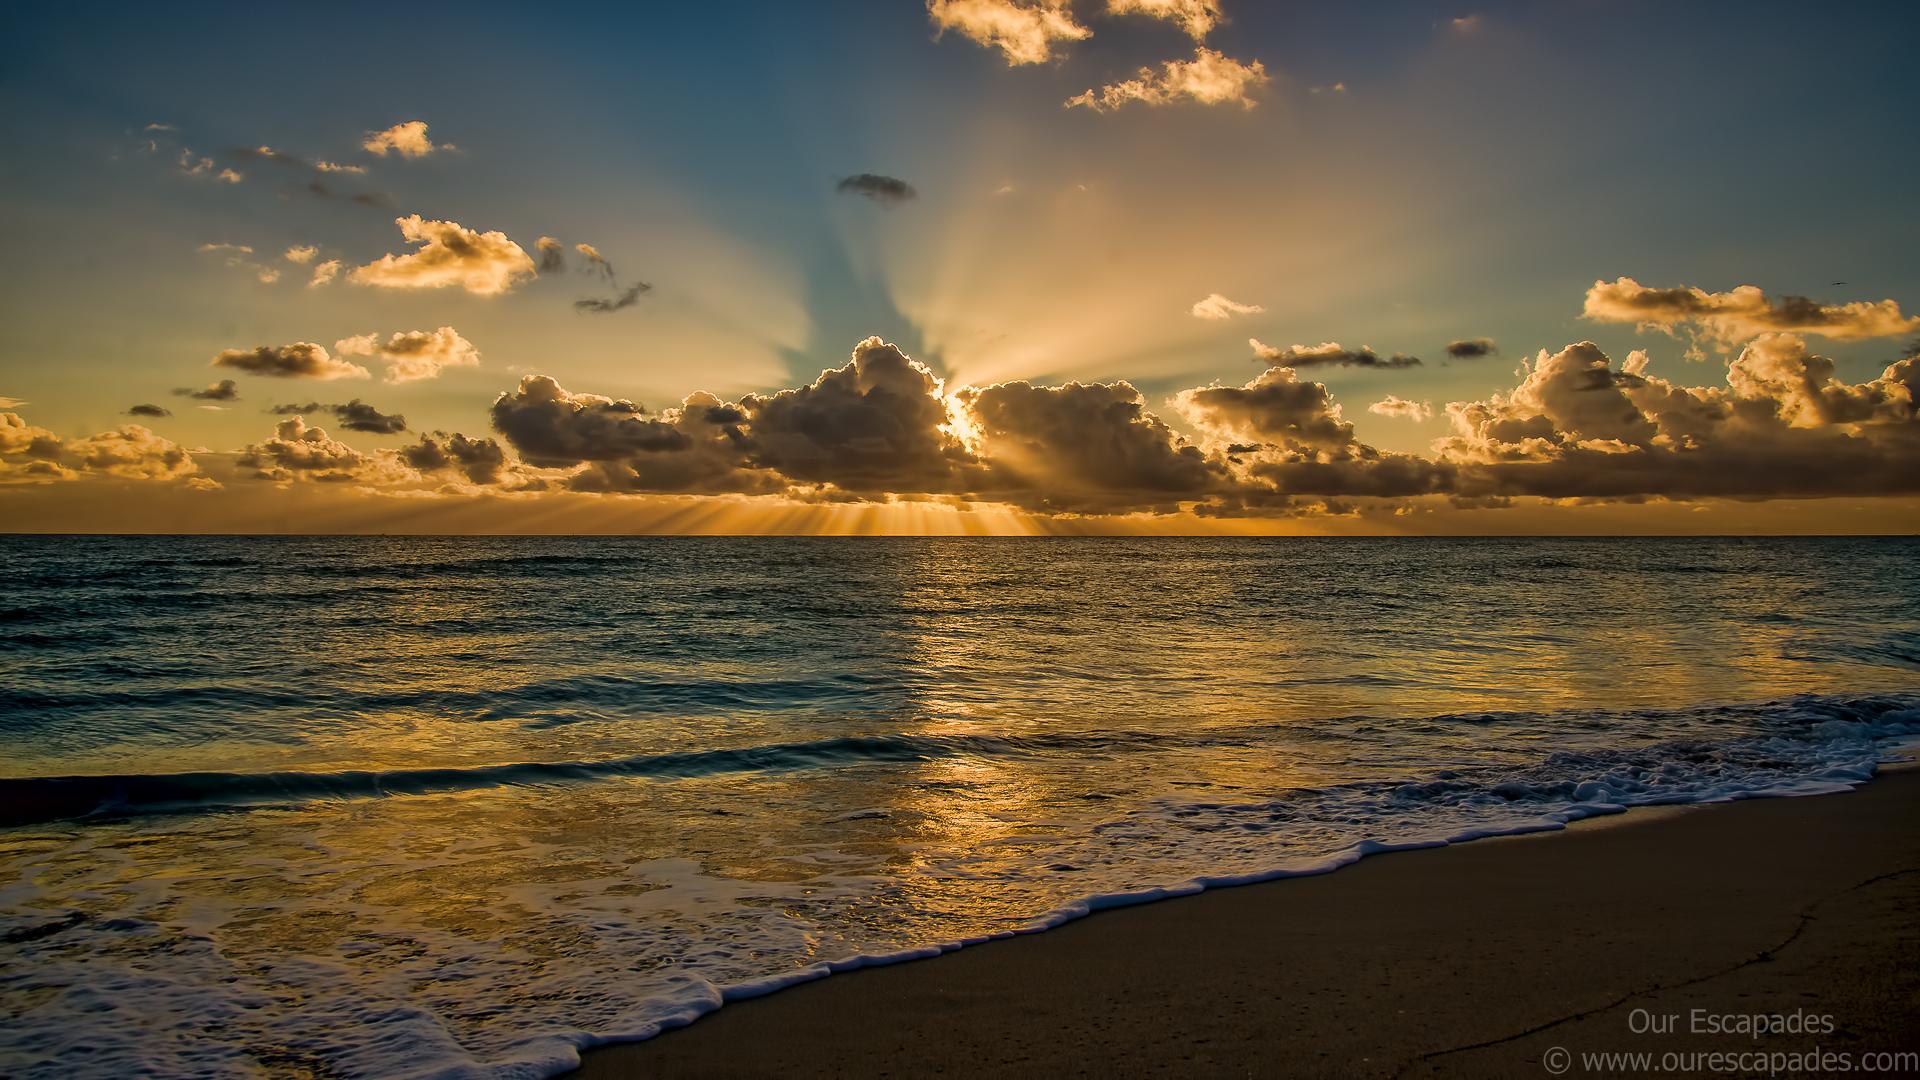 Africa 3d Pro Live Wallpaper Beach Sunrise Wallpaper 1920x1080 75446